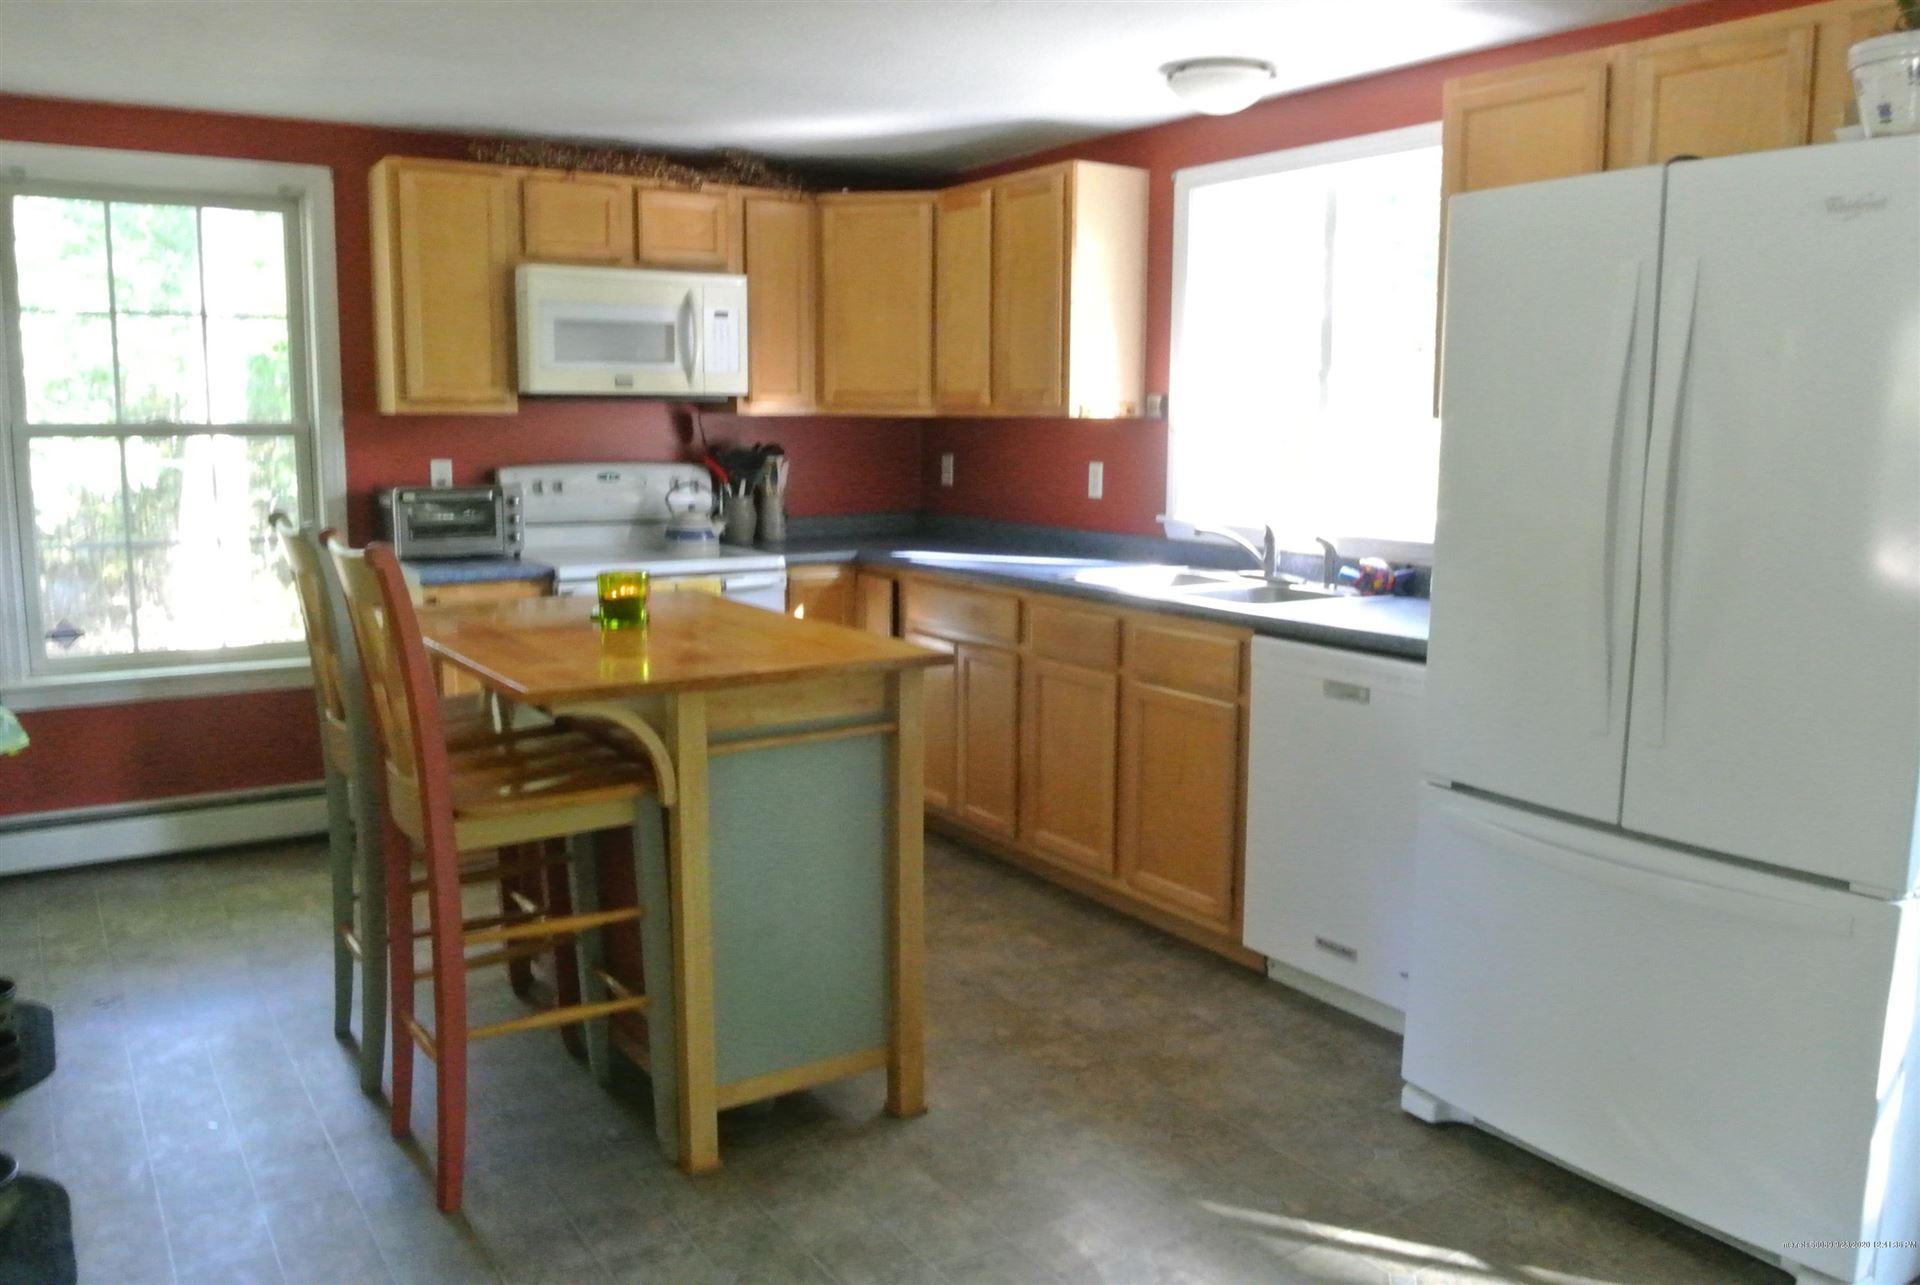 Photo of 29 River Ridge Road, Waterboro, ME 04061 (MLS # 1469980)